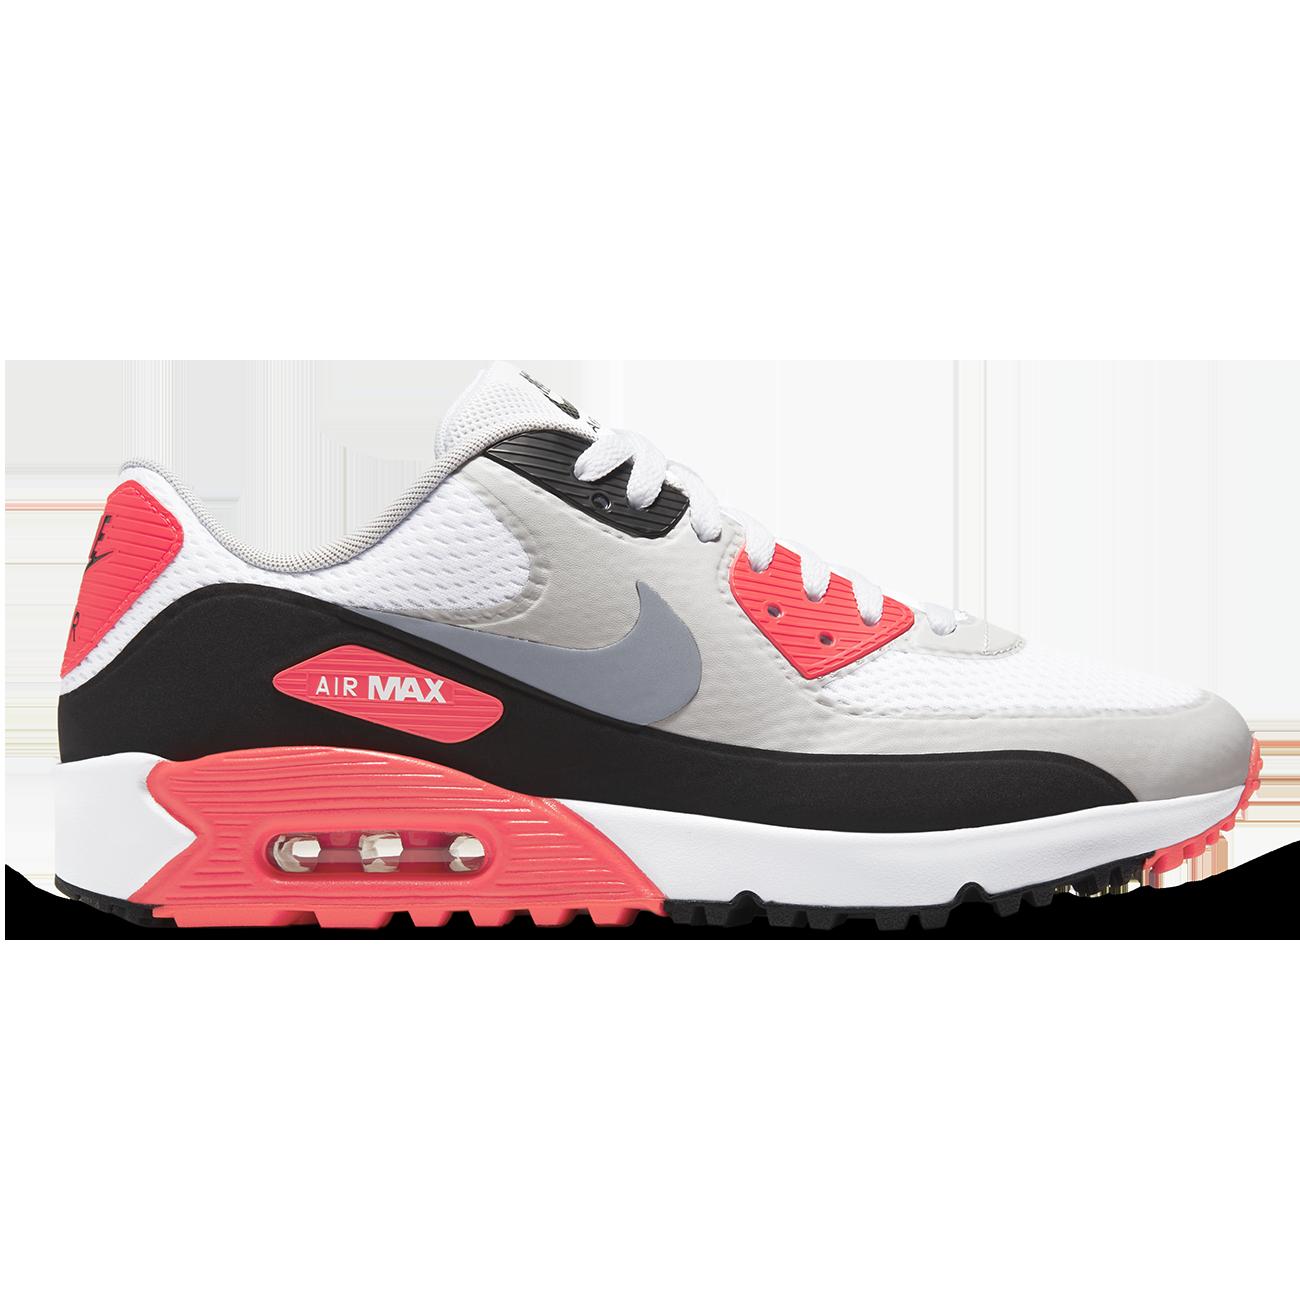 AIR MAX 90 G Golf Shoe - INFARED